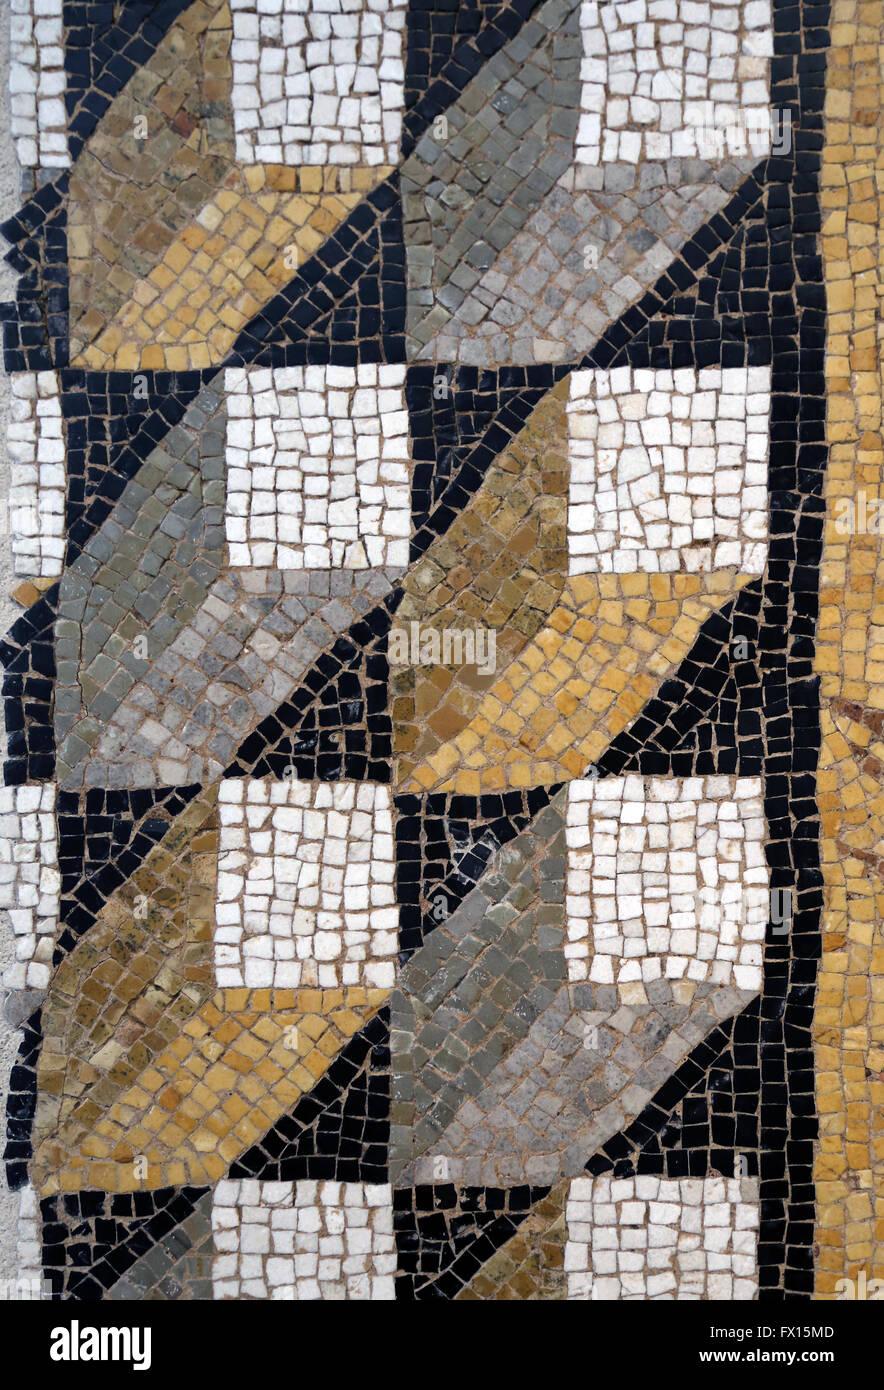 Seuil de l'art roman en cubes de mosaïque perspective. Détail. 1er siècle. Musée du Louvre. Photo Stock